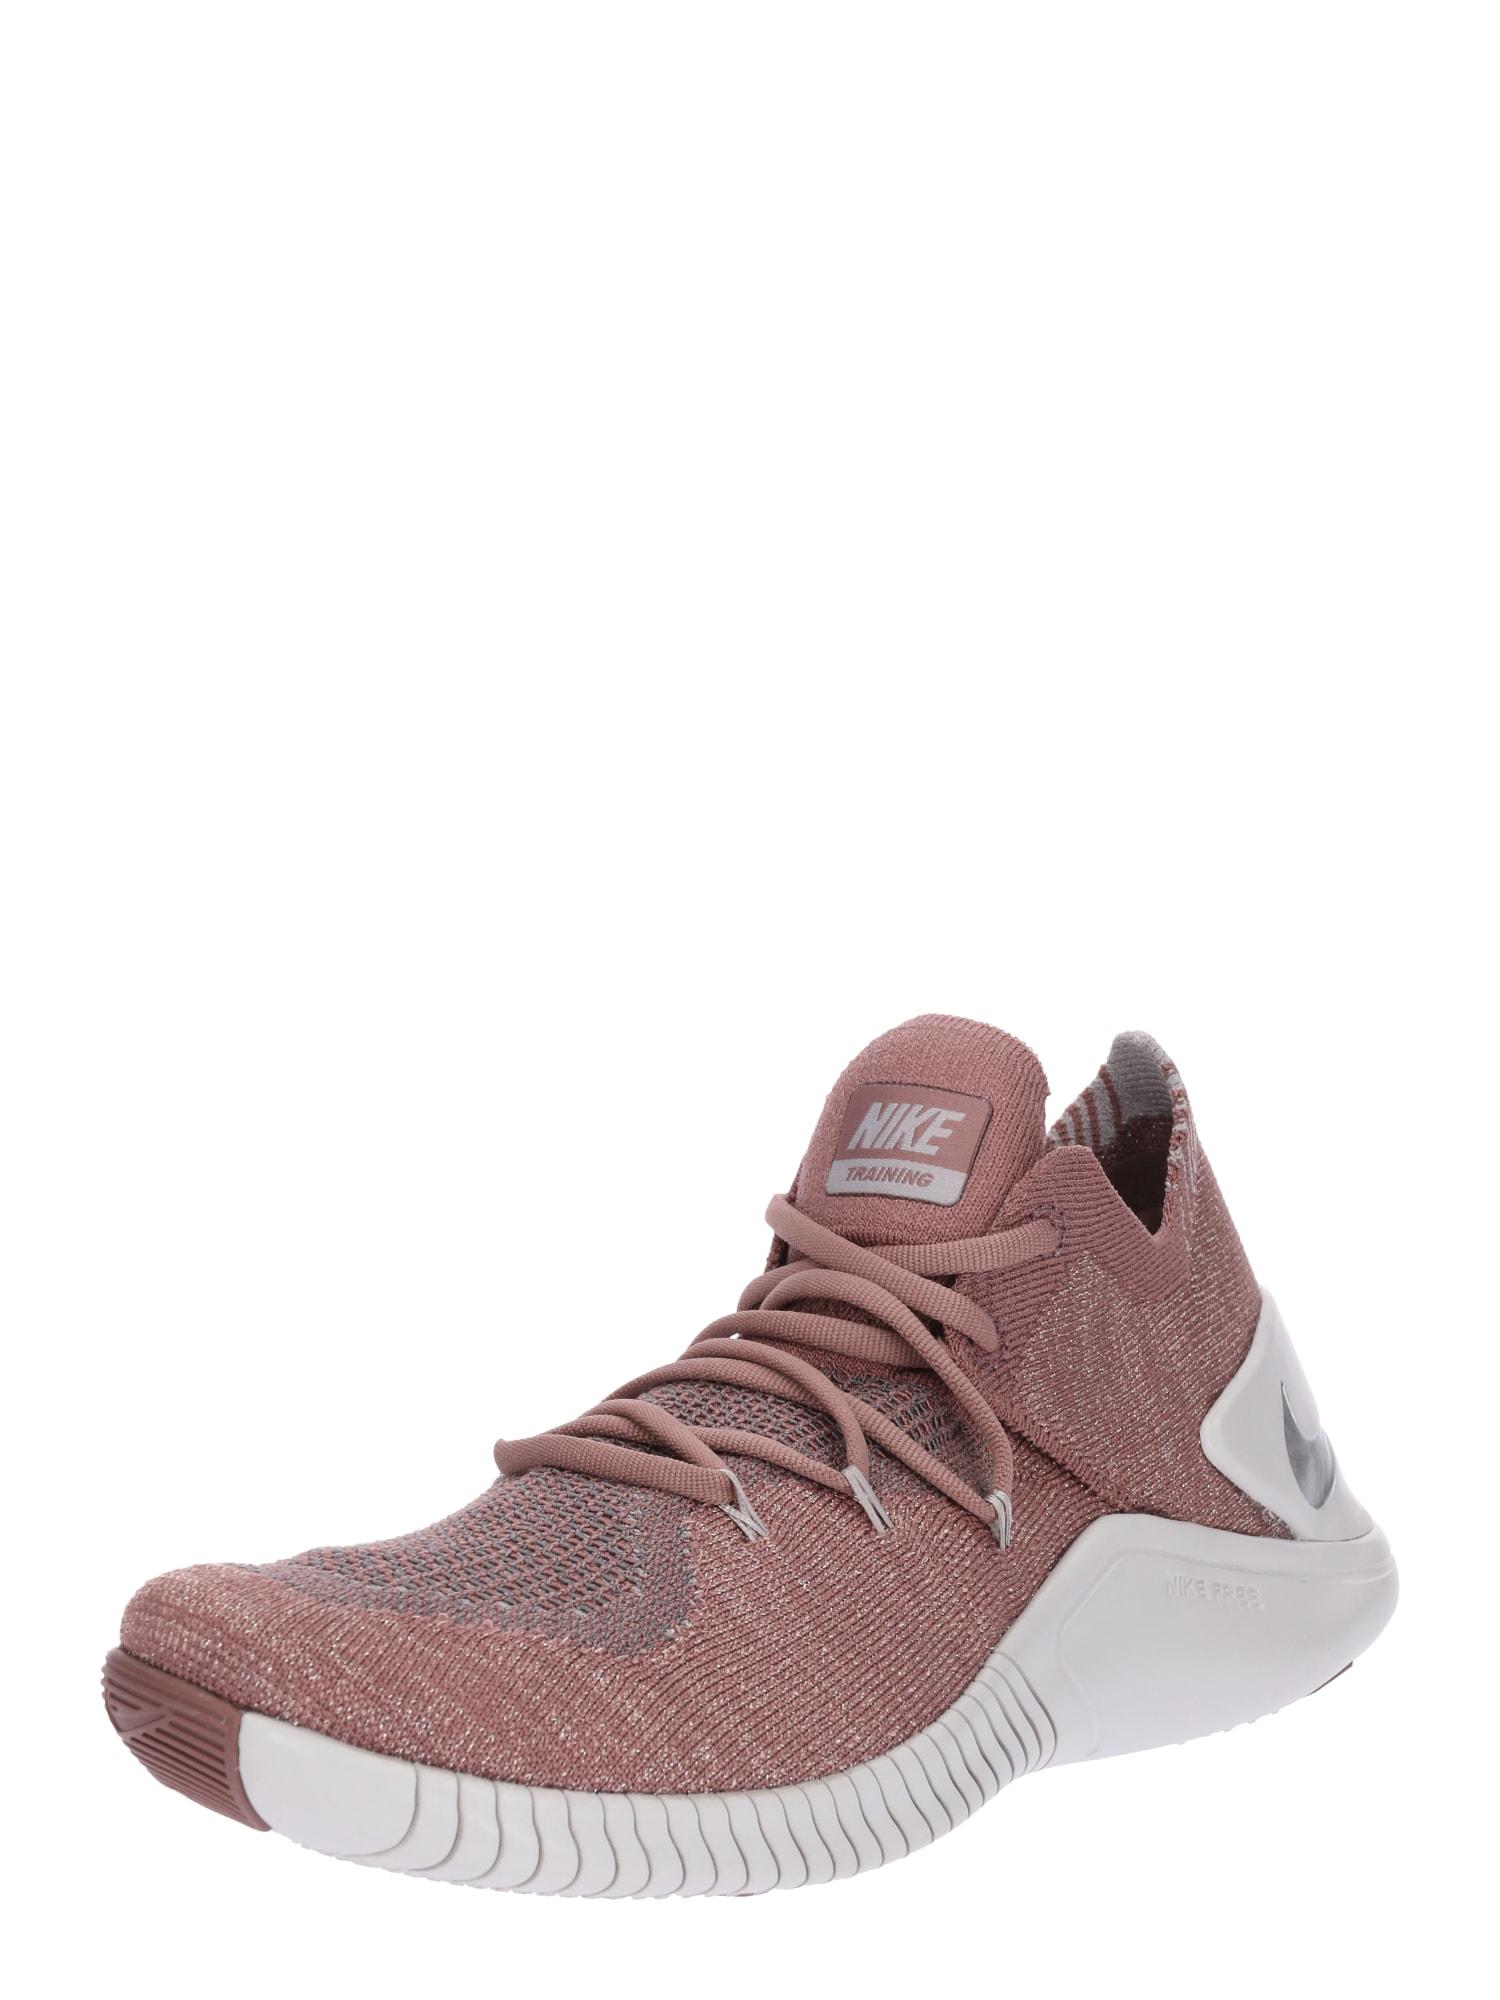 Běžecká obuv Free TR Flyknit 3 LM růžová růže NIKE